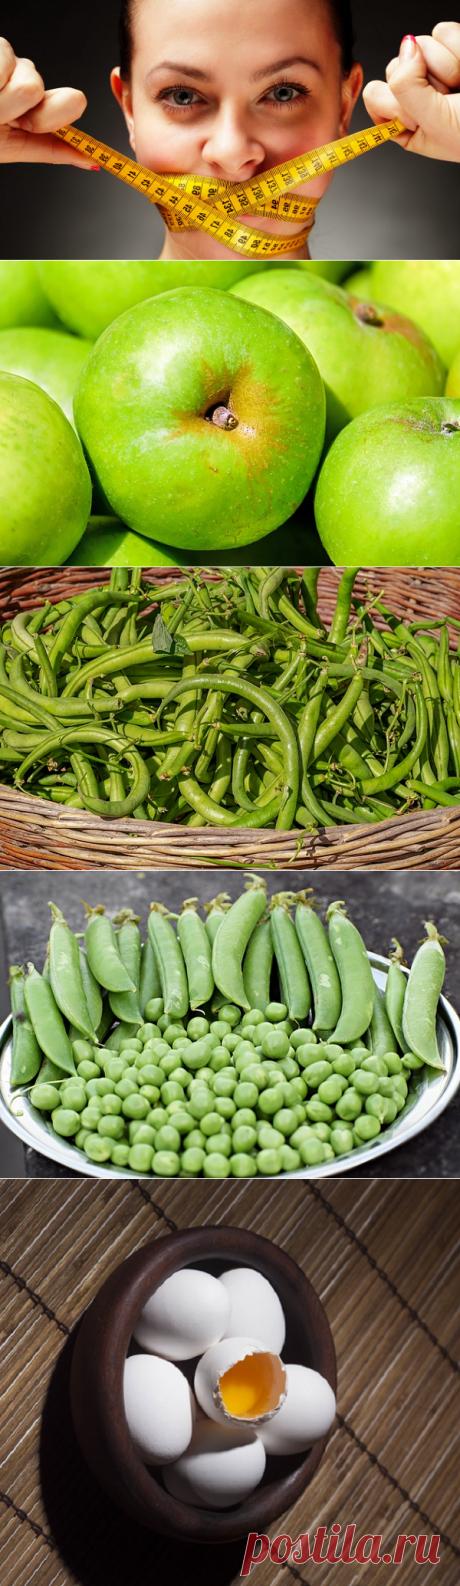 Как контролировать аппетит? 6 доступных продуктов, способных побороть голод   Кладовая здоровья   Яндекс Дзен